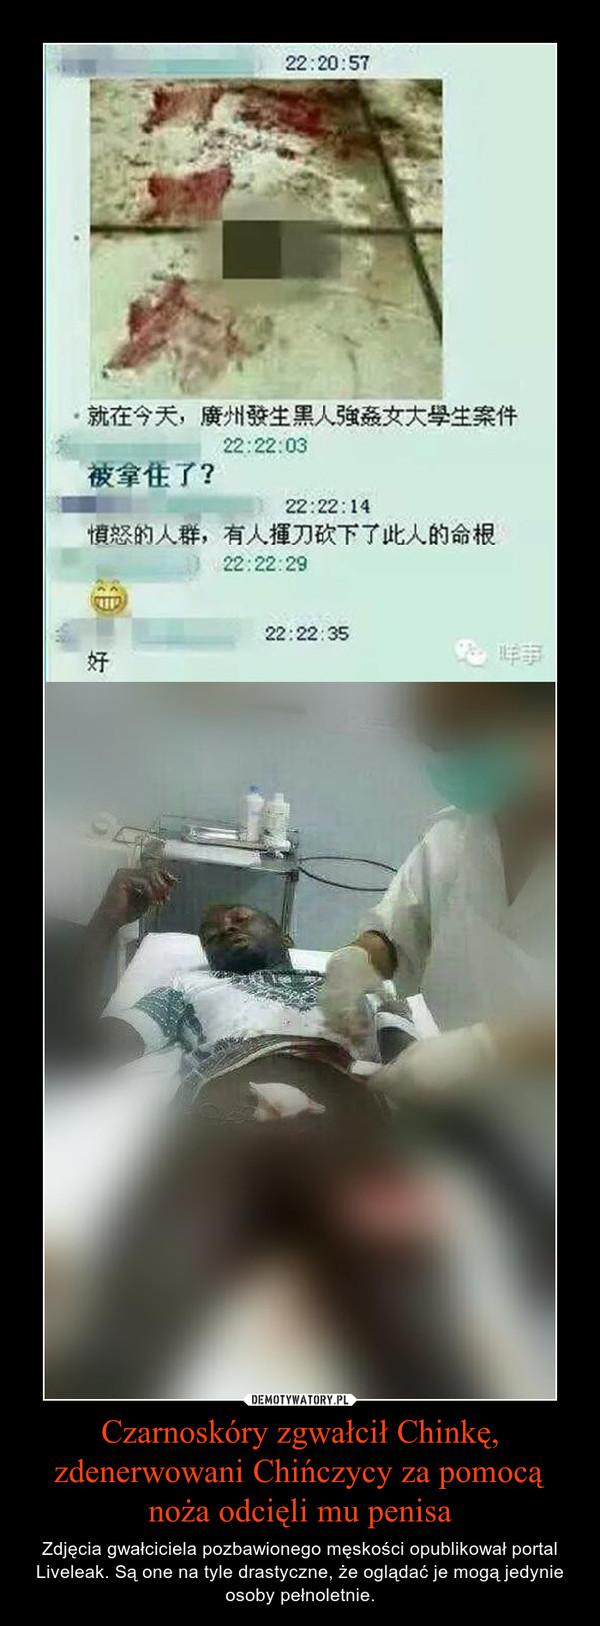 Czarnoskóry zgwałcił Chinkę, zdenerwowani Chińczycy za pomocą noża odcięli mu penisa – Zdjęcia gwałciciela pozbawionego męskości opublikował portal Liveleak. Są one na tyle drastyczne, że oglądać je mogą jedynie osoby pełnoletnie.